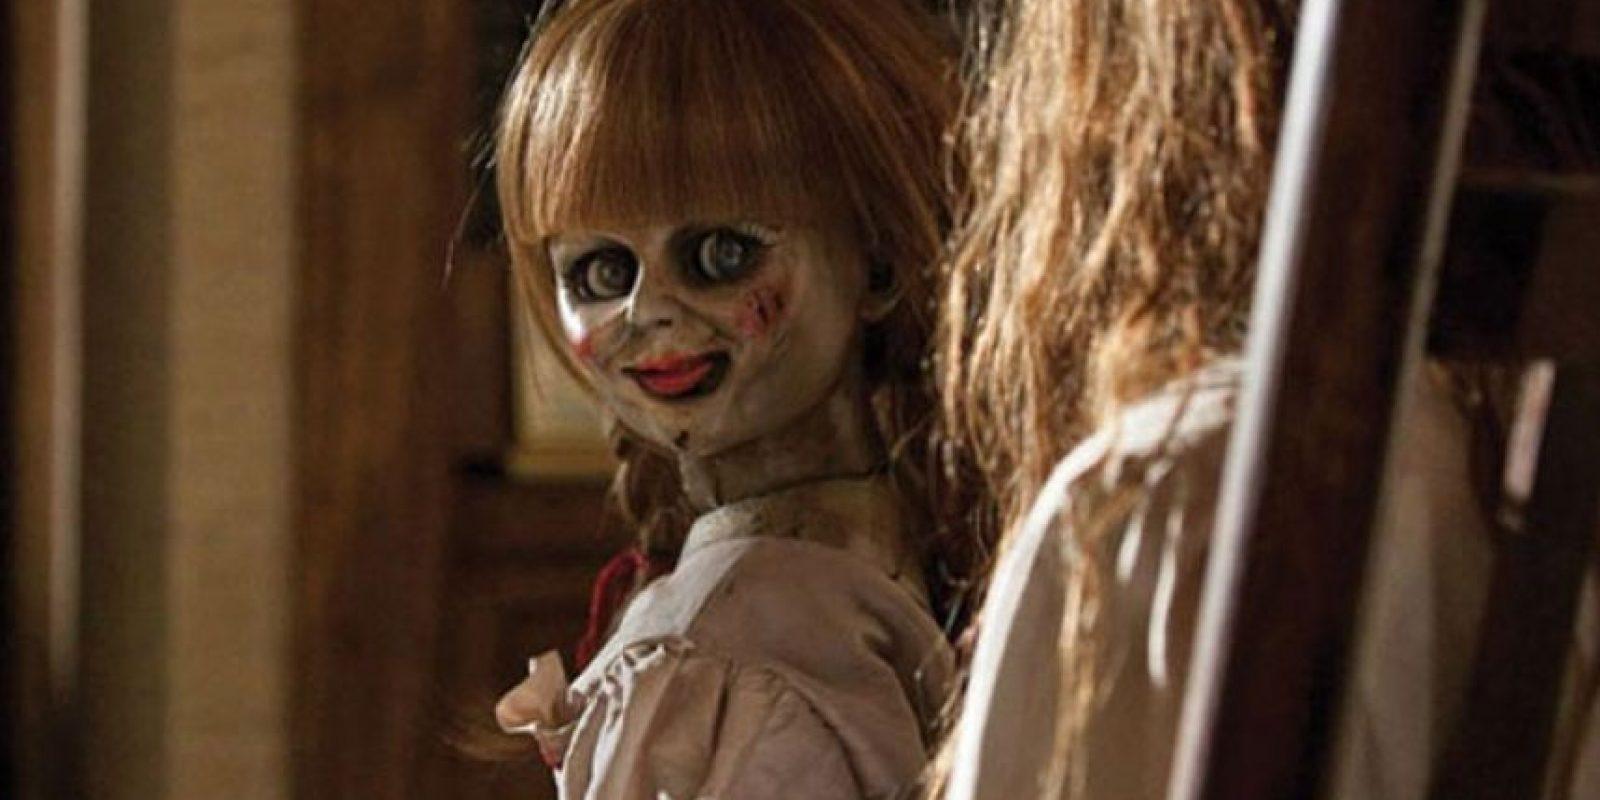 'Anabelle' (2014) está basada en la historia de Donna, una joven a la que su madre le regala una muñeca que resulta estar poseída por un espíritu que quiere apoderarse del novio de ella. Foto:Internet